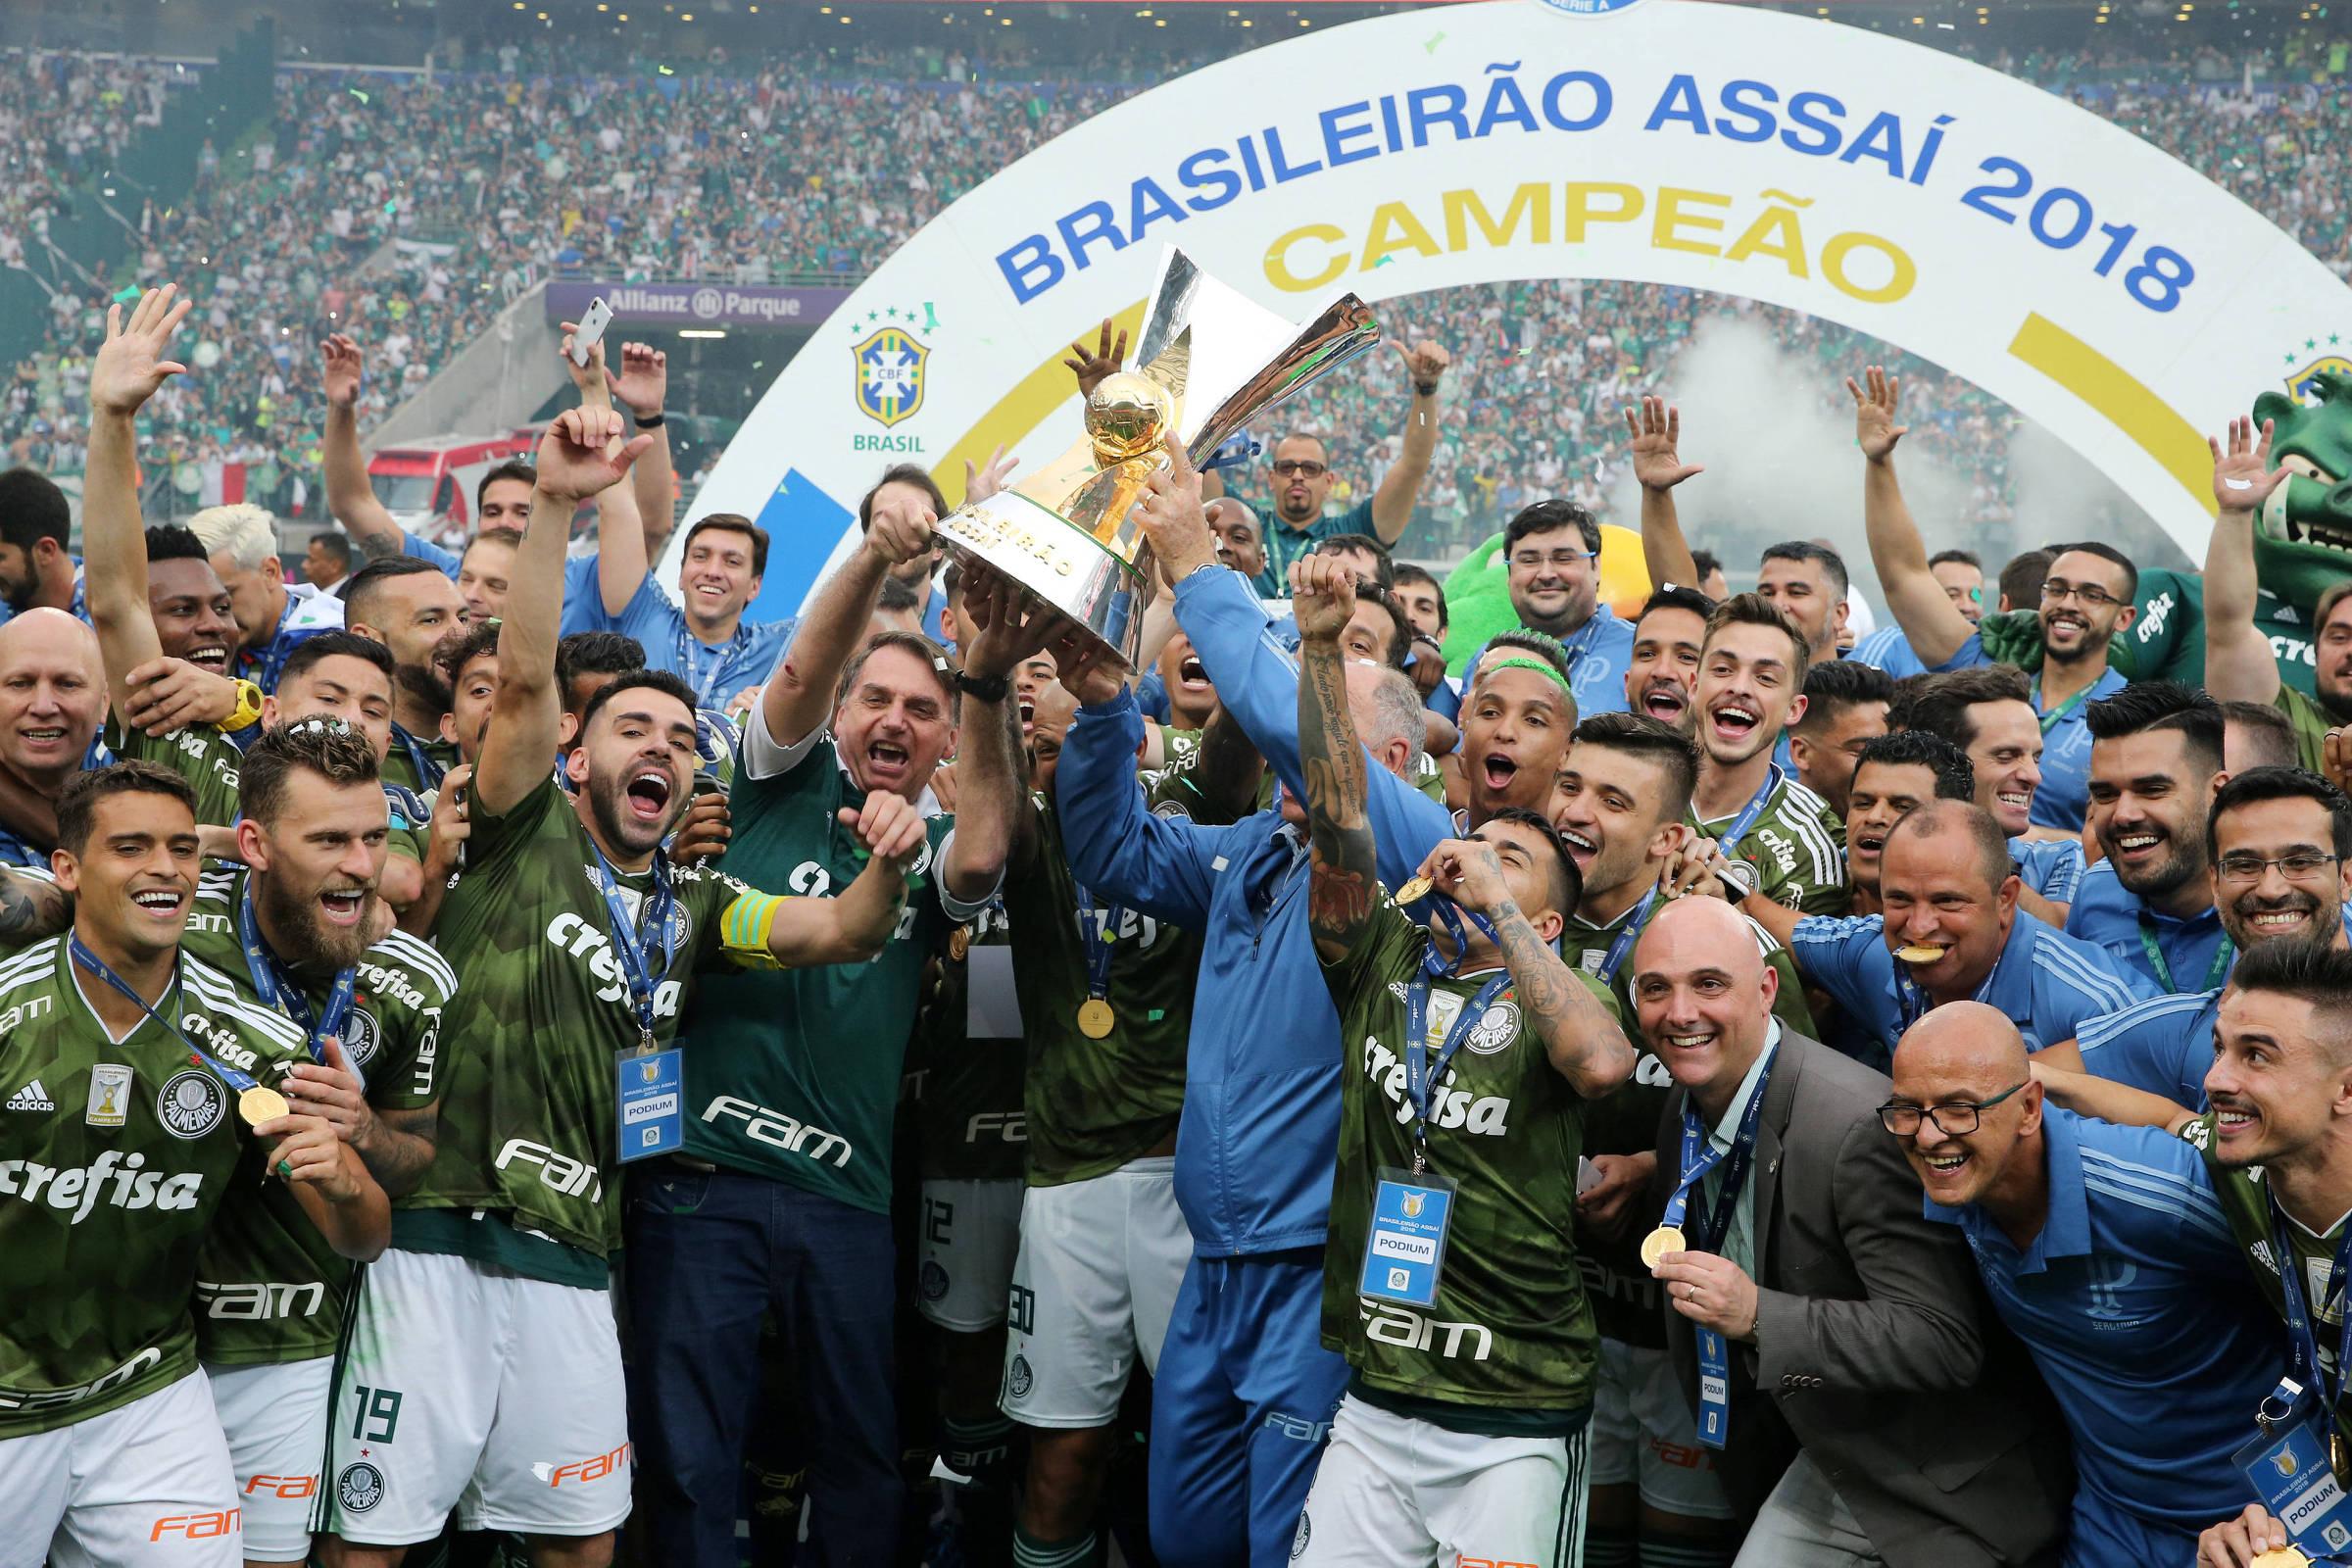 Palmeiras amplia marcas em festa com torcida e Bolsonaro - 02 12 2018 -  Esporte - Folha 0f7022356aff4